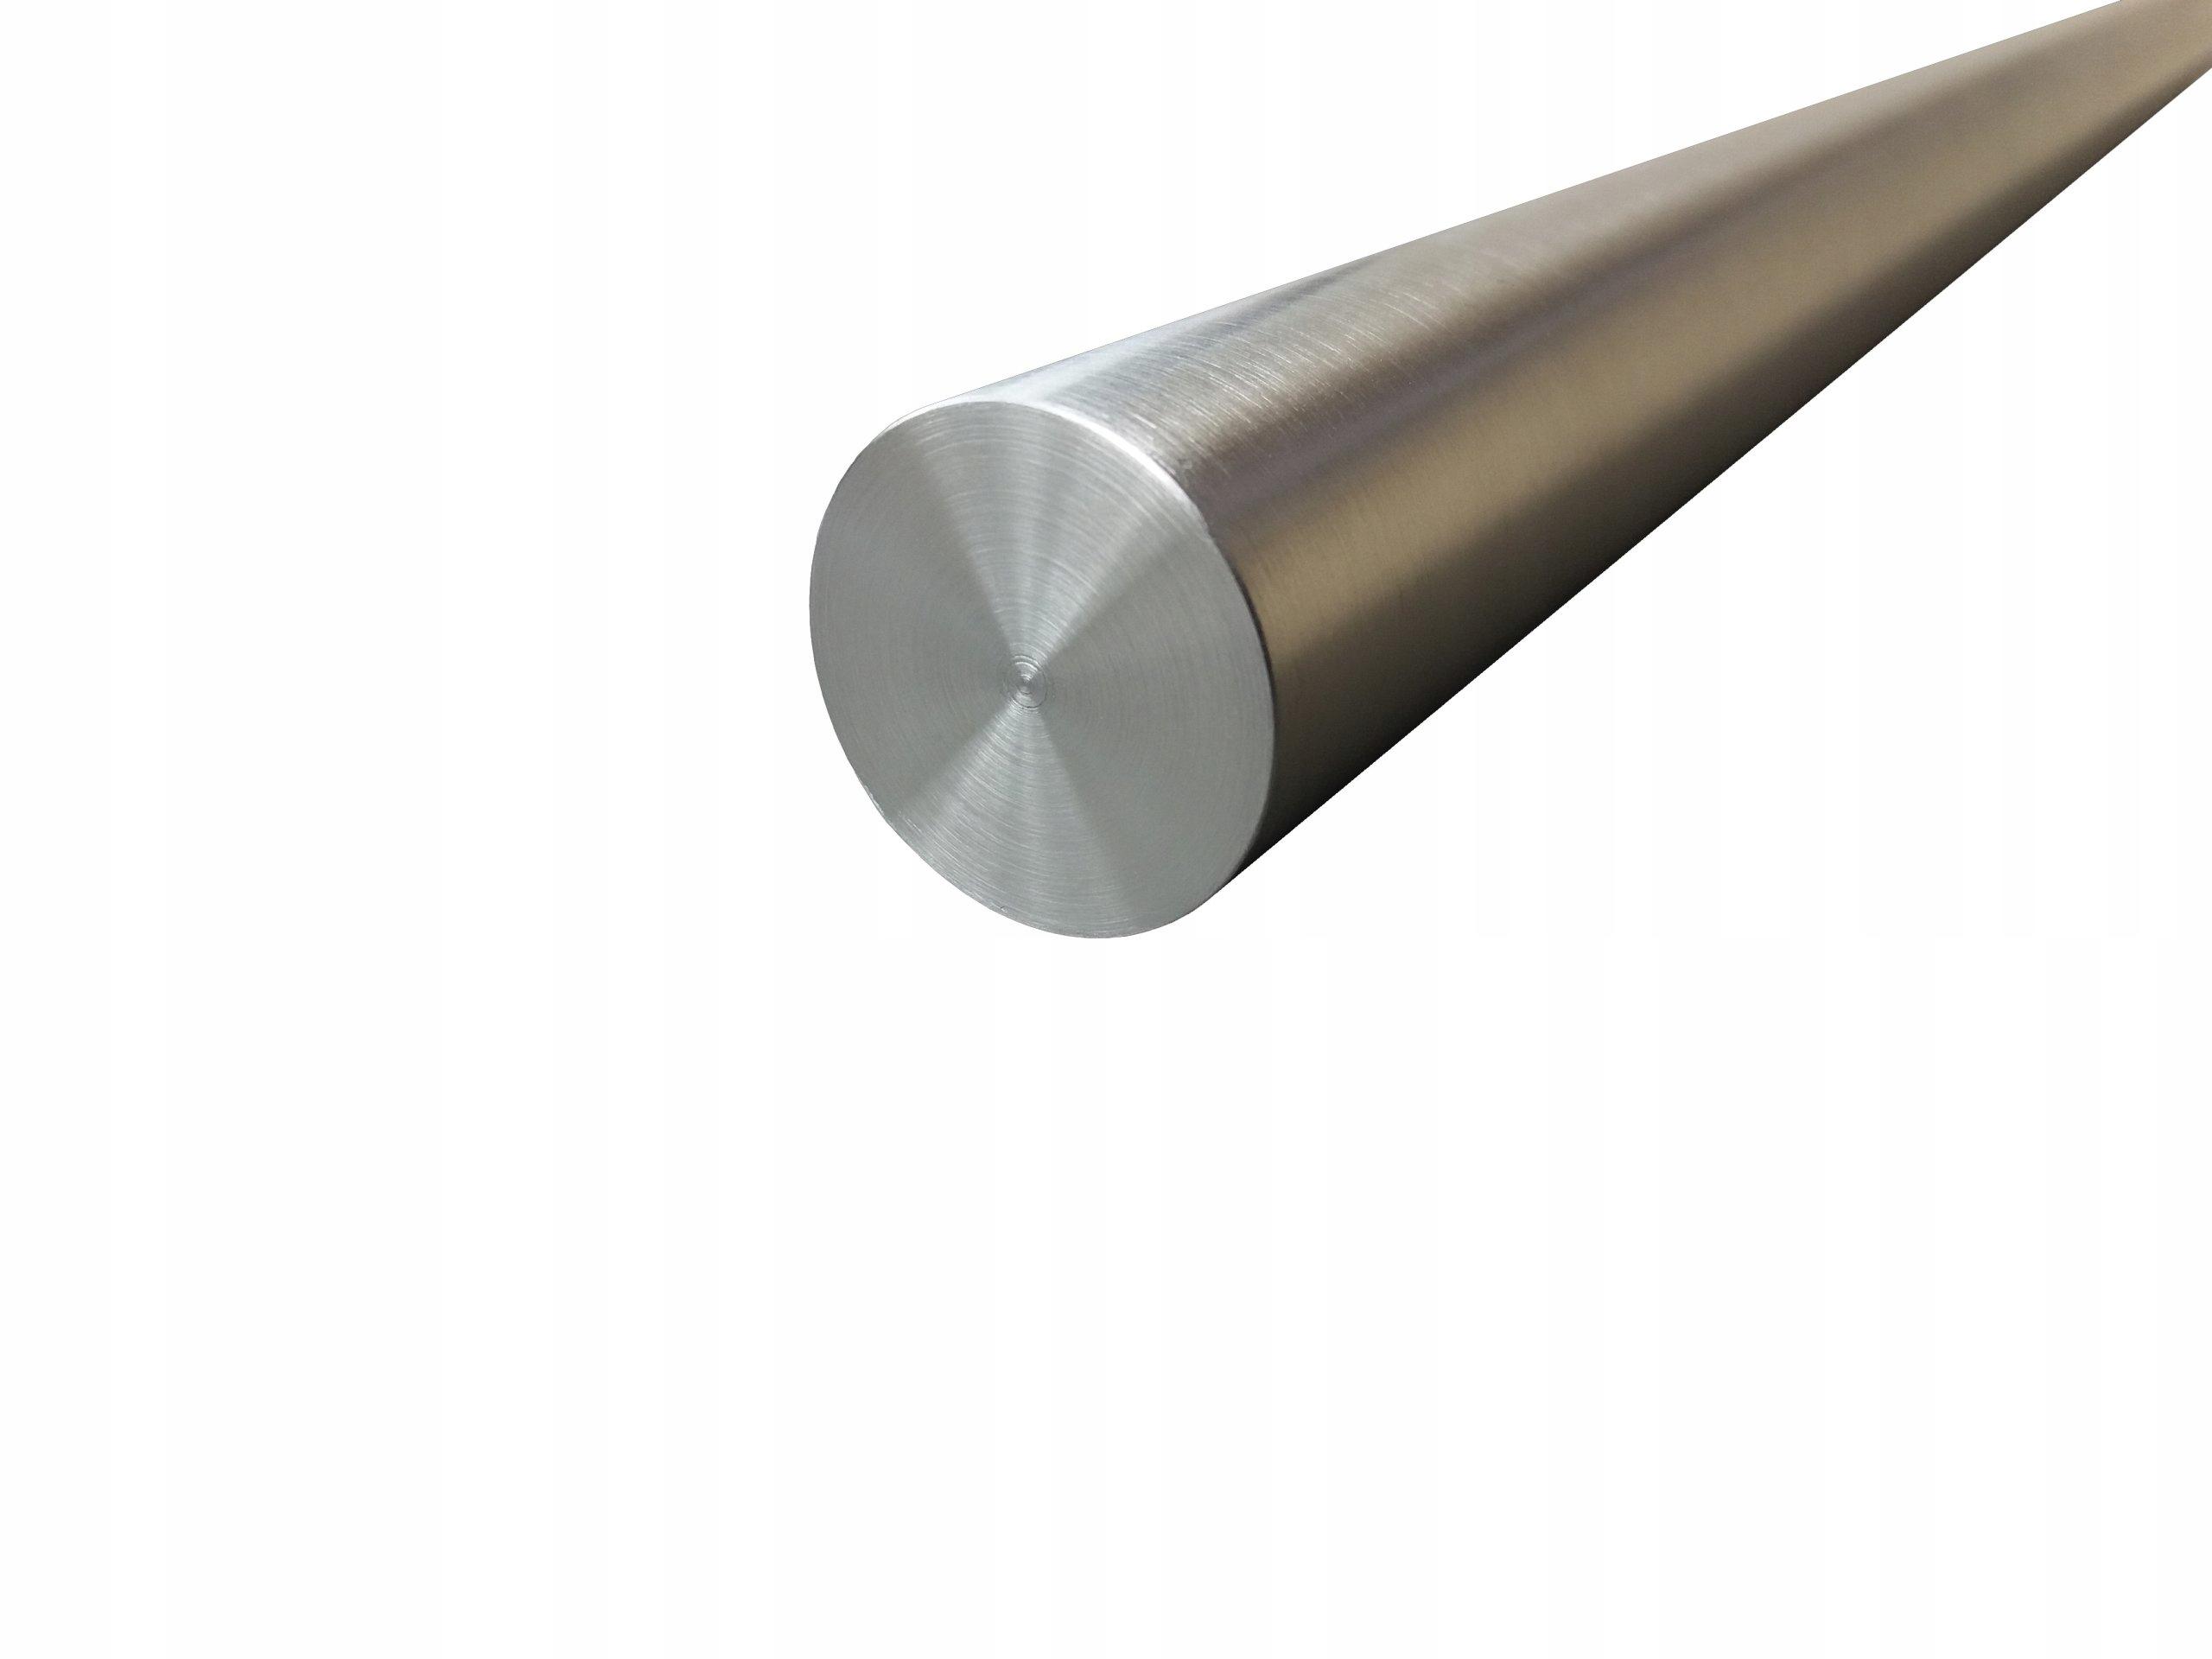 Nerezová tyčová kyselina odolná voči fi 14 mm 100 cm inox